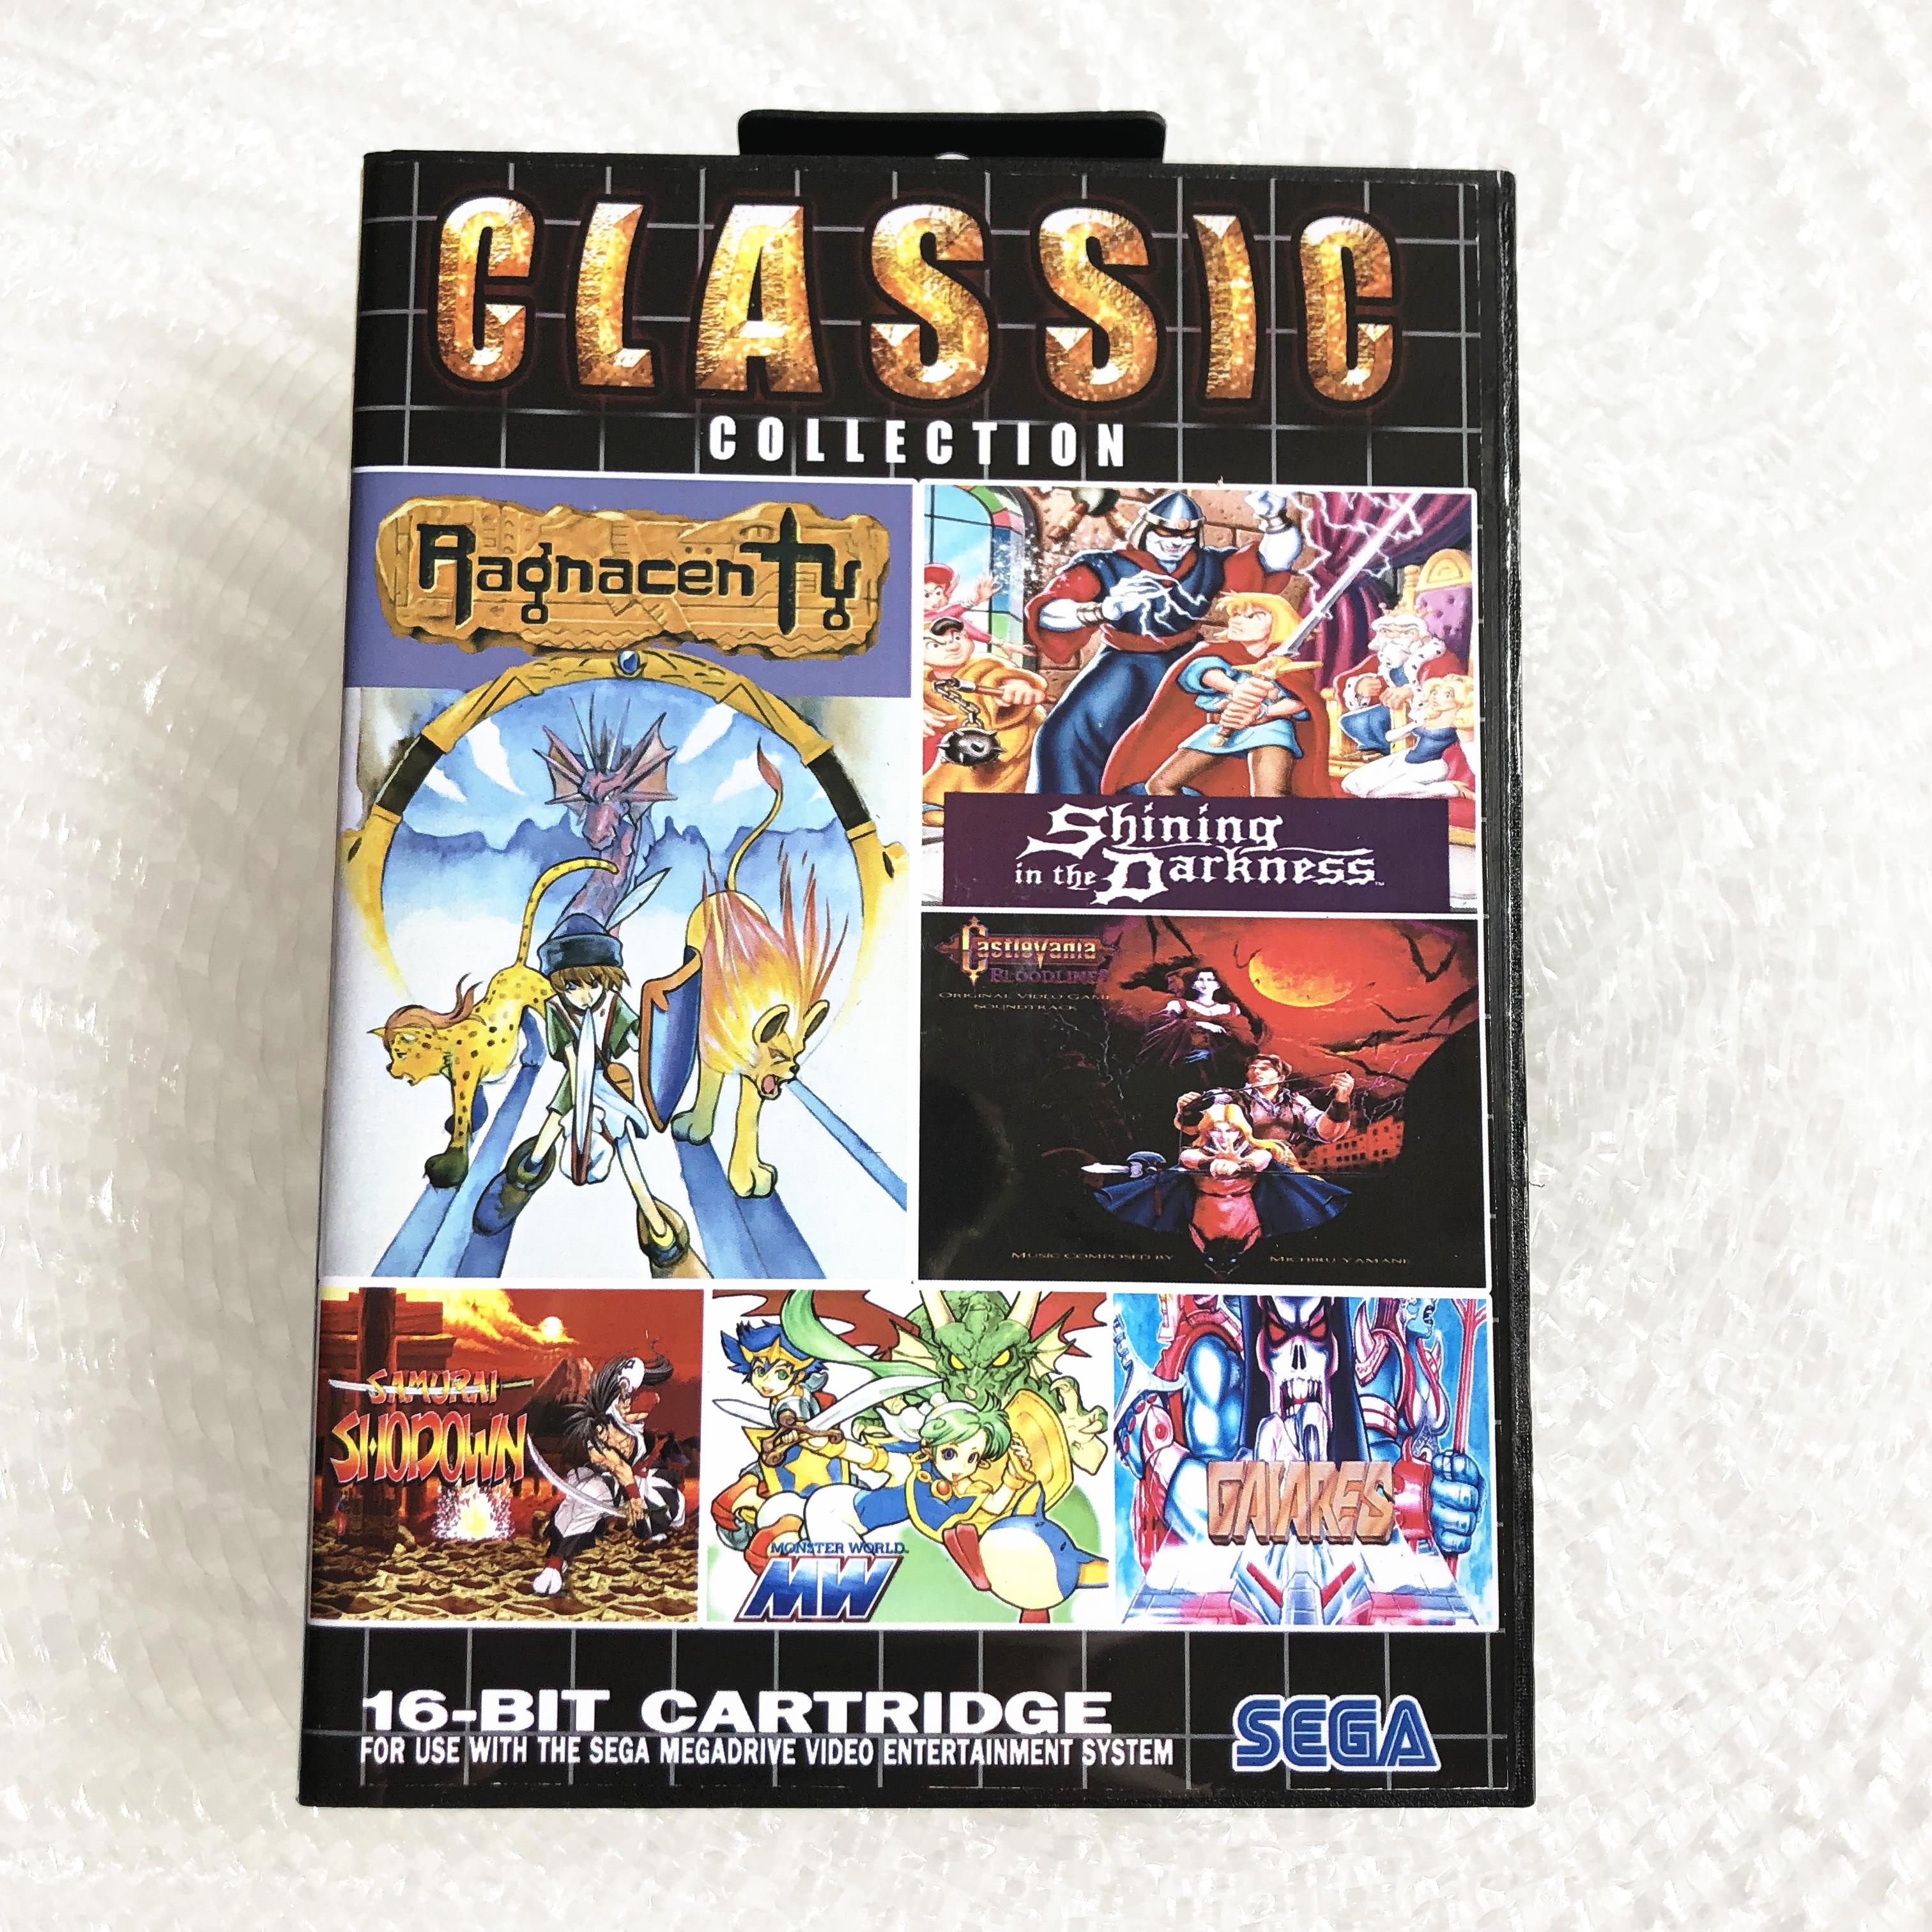 Súper colección para SEGA GENESIS MegaDrive, Cartucho de juego de 16 bits para PAL y NTSC